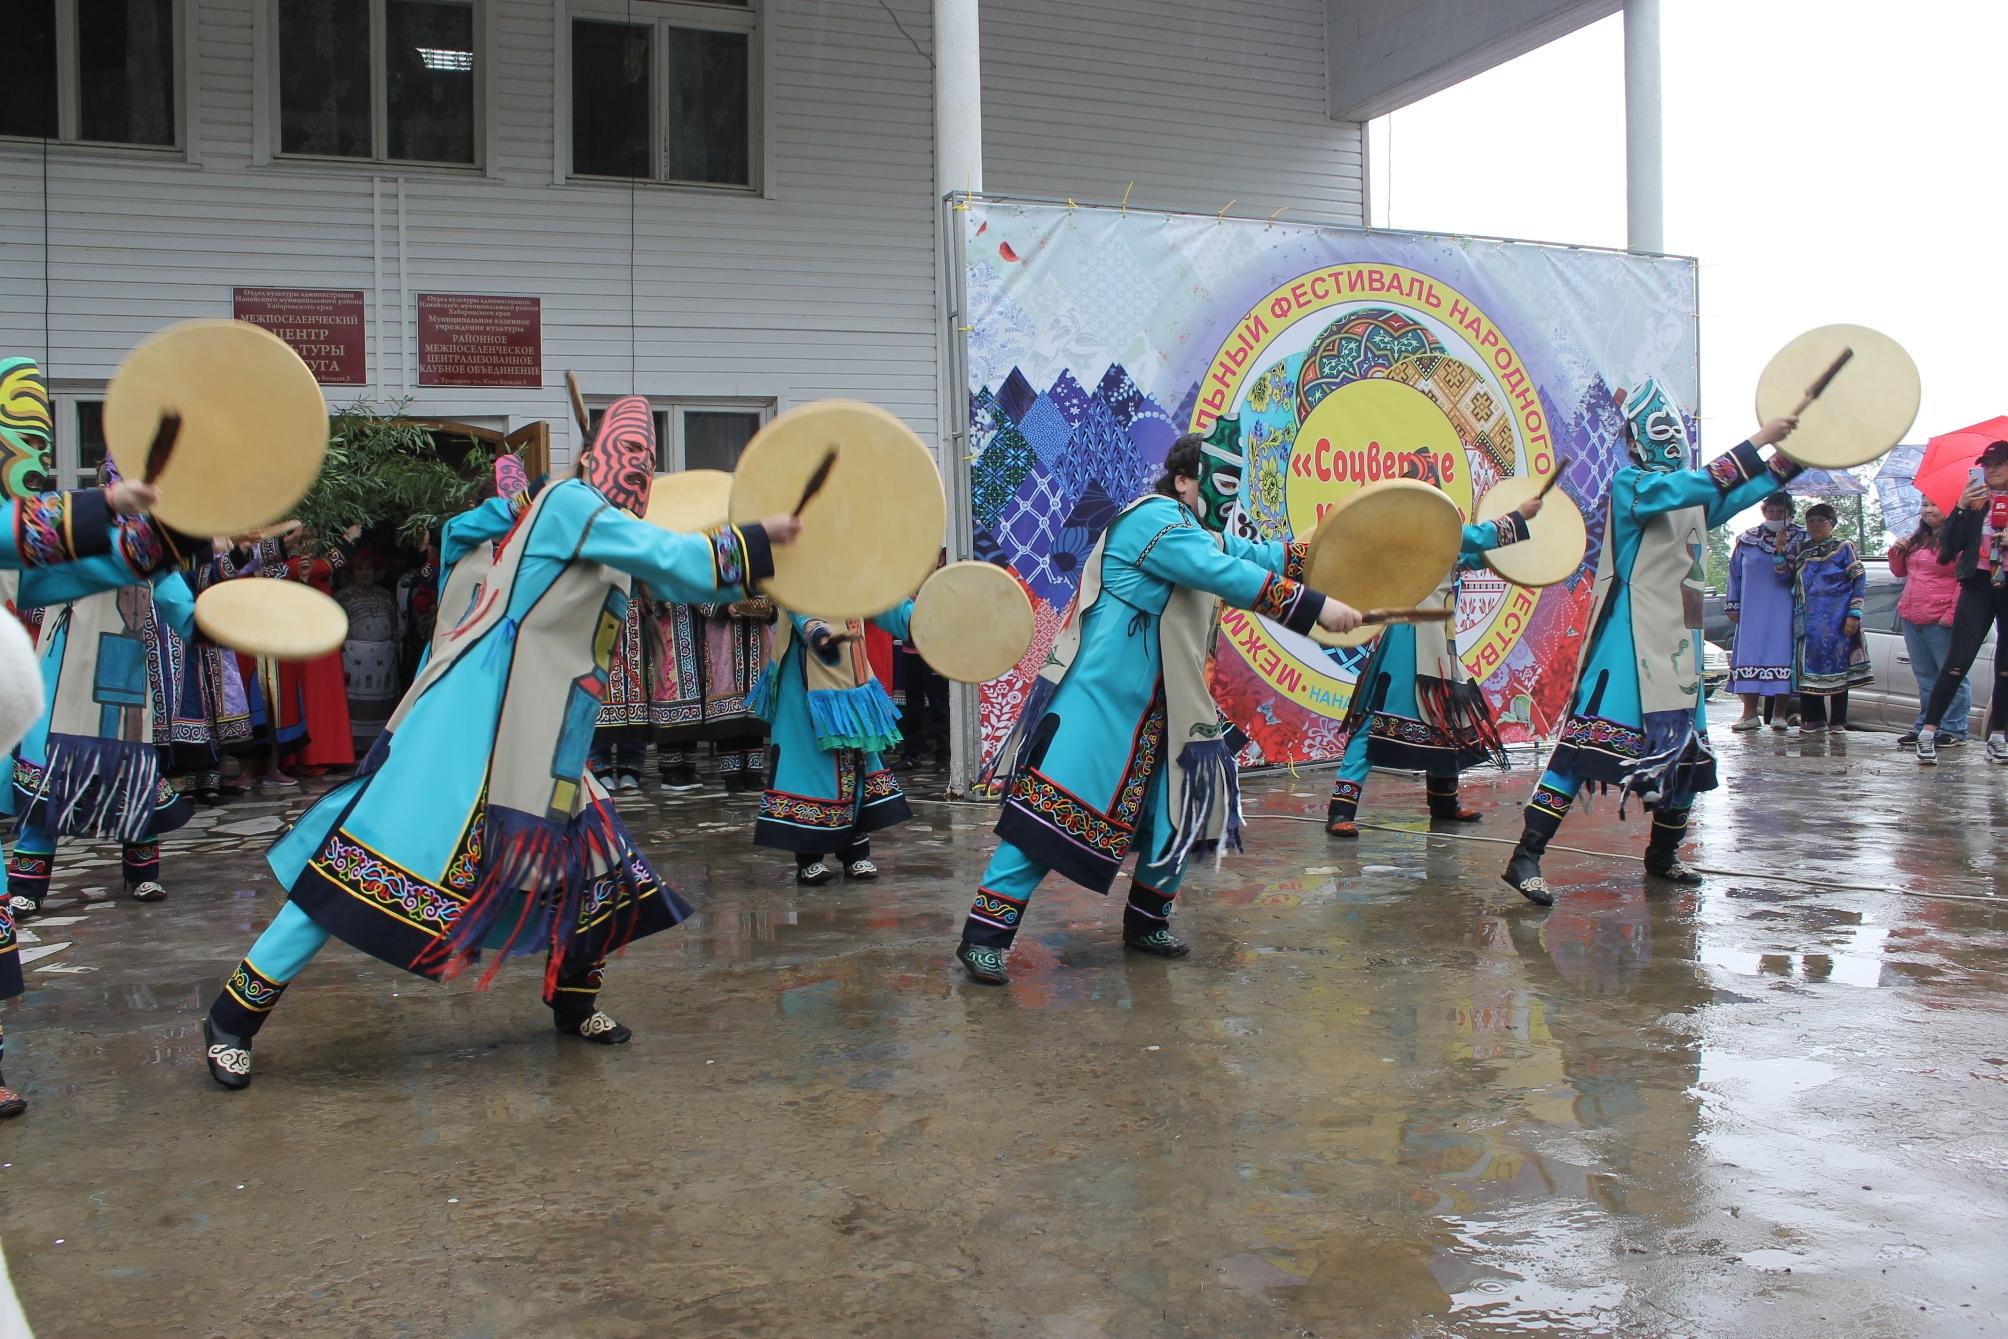 Краевой национальный фестиваль полынного супа и межмуниципальный фестиваль народного творчества «Соцветие культур»